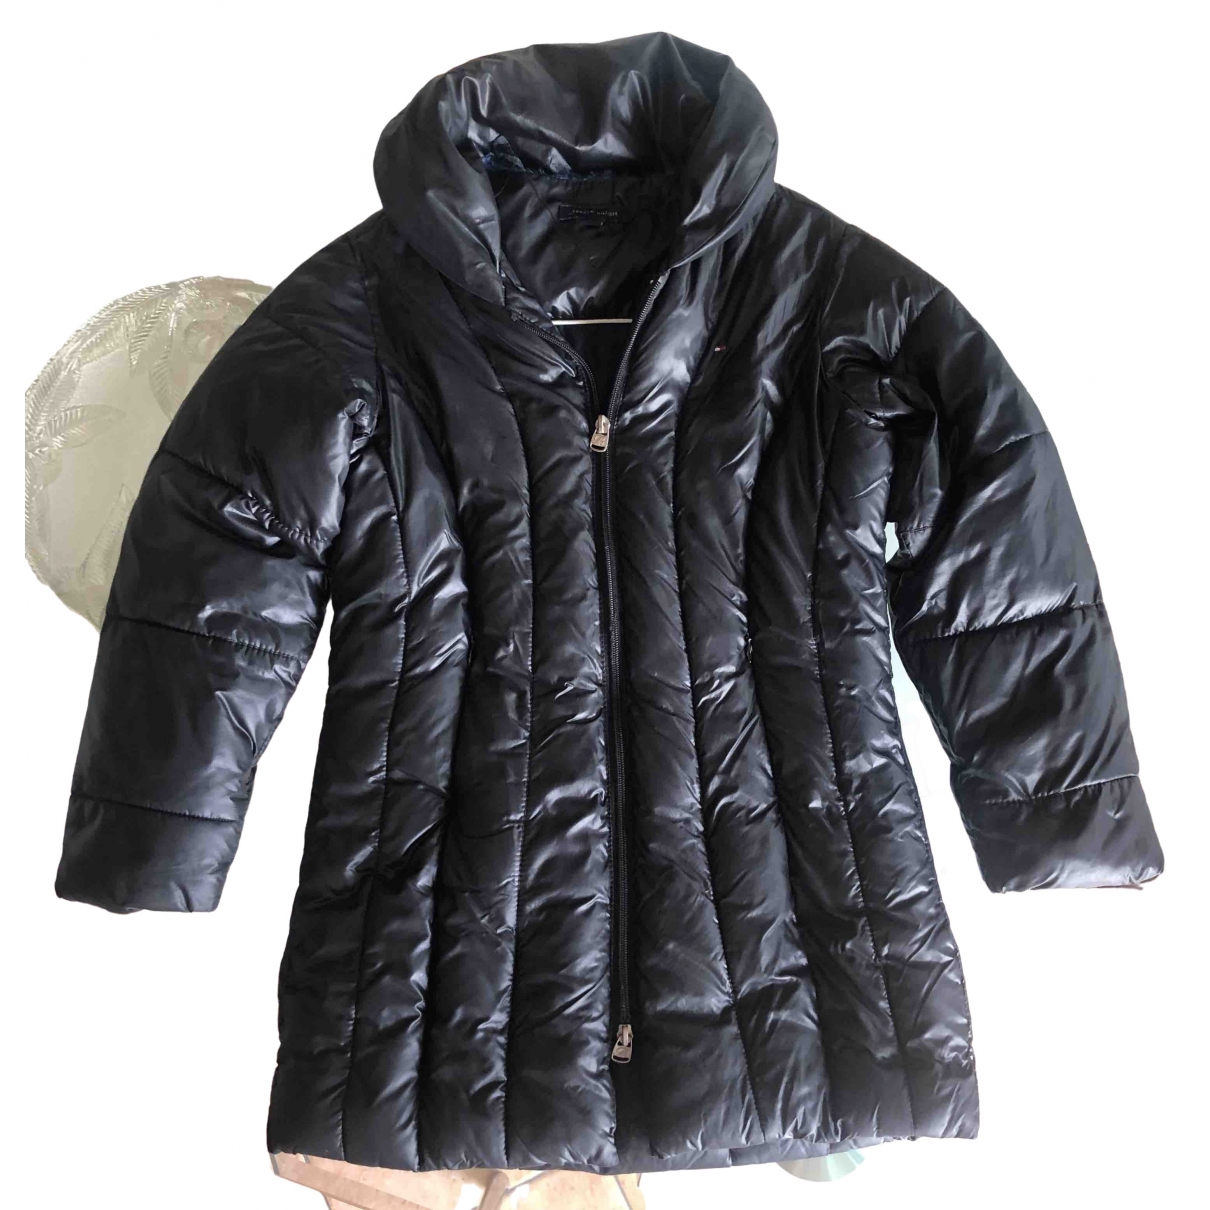 Tommy Hilfiger - Blousons.Manteaux   pour enfant - noir